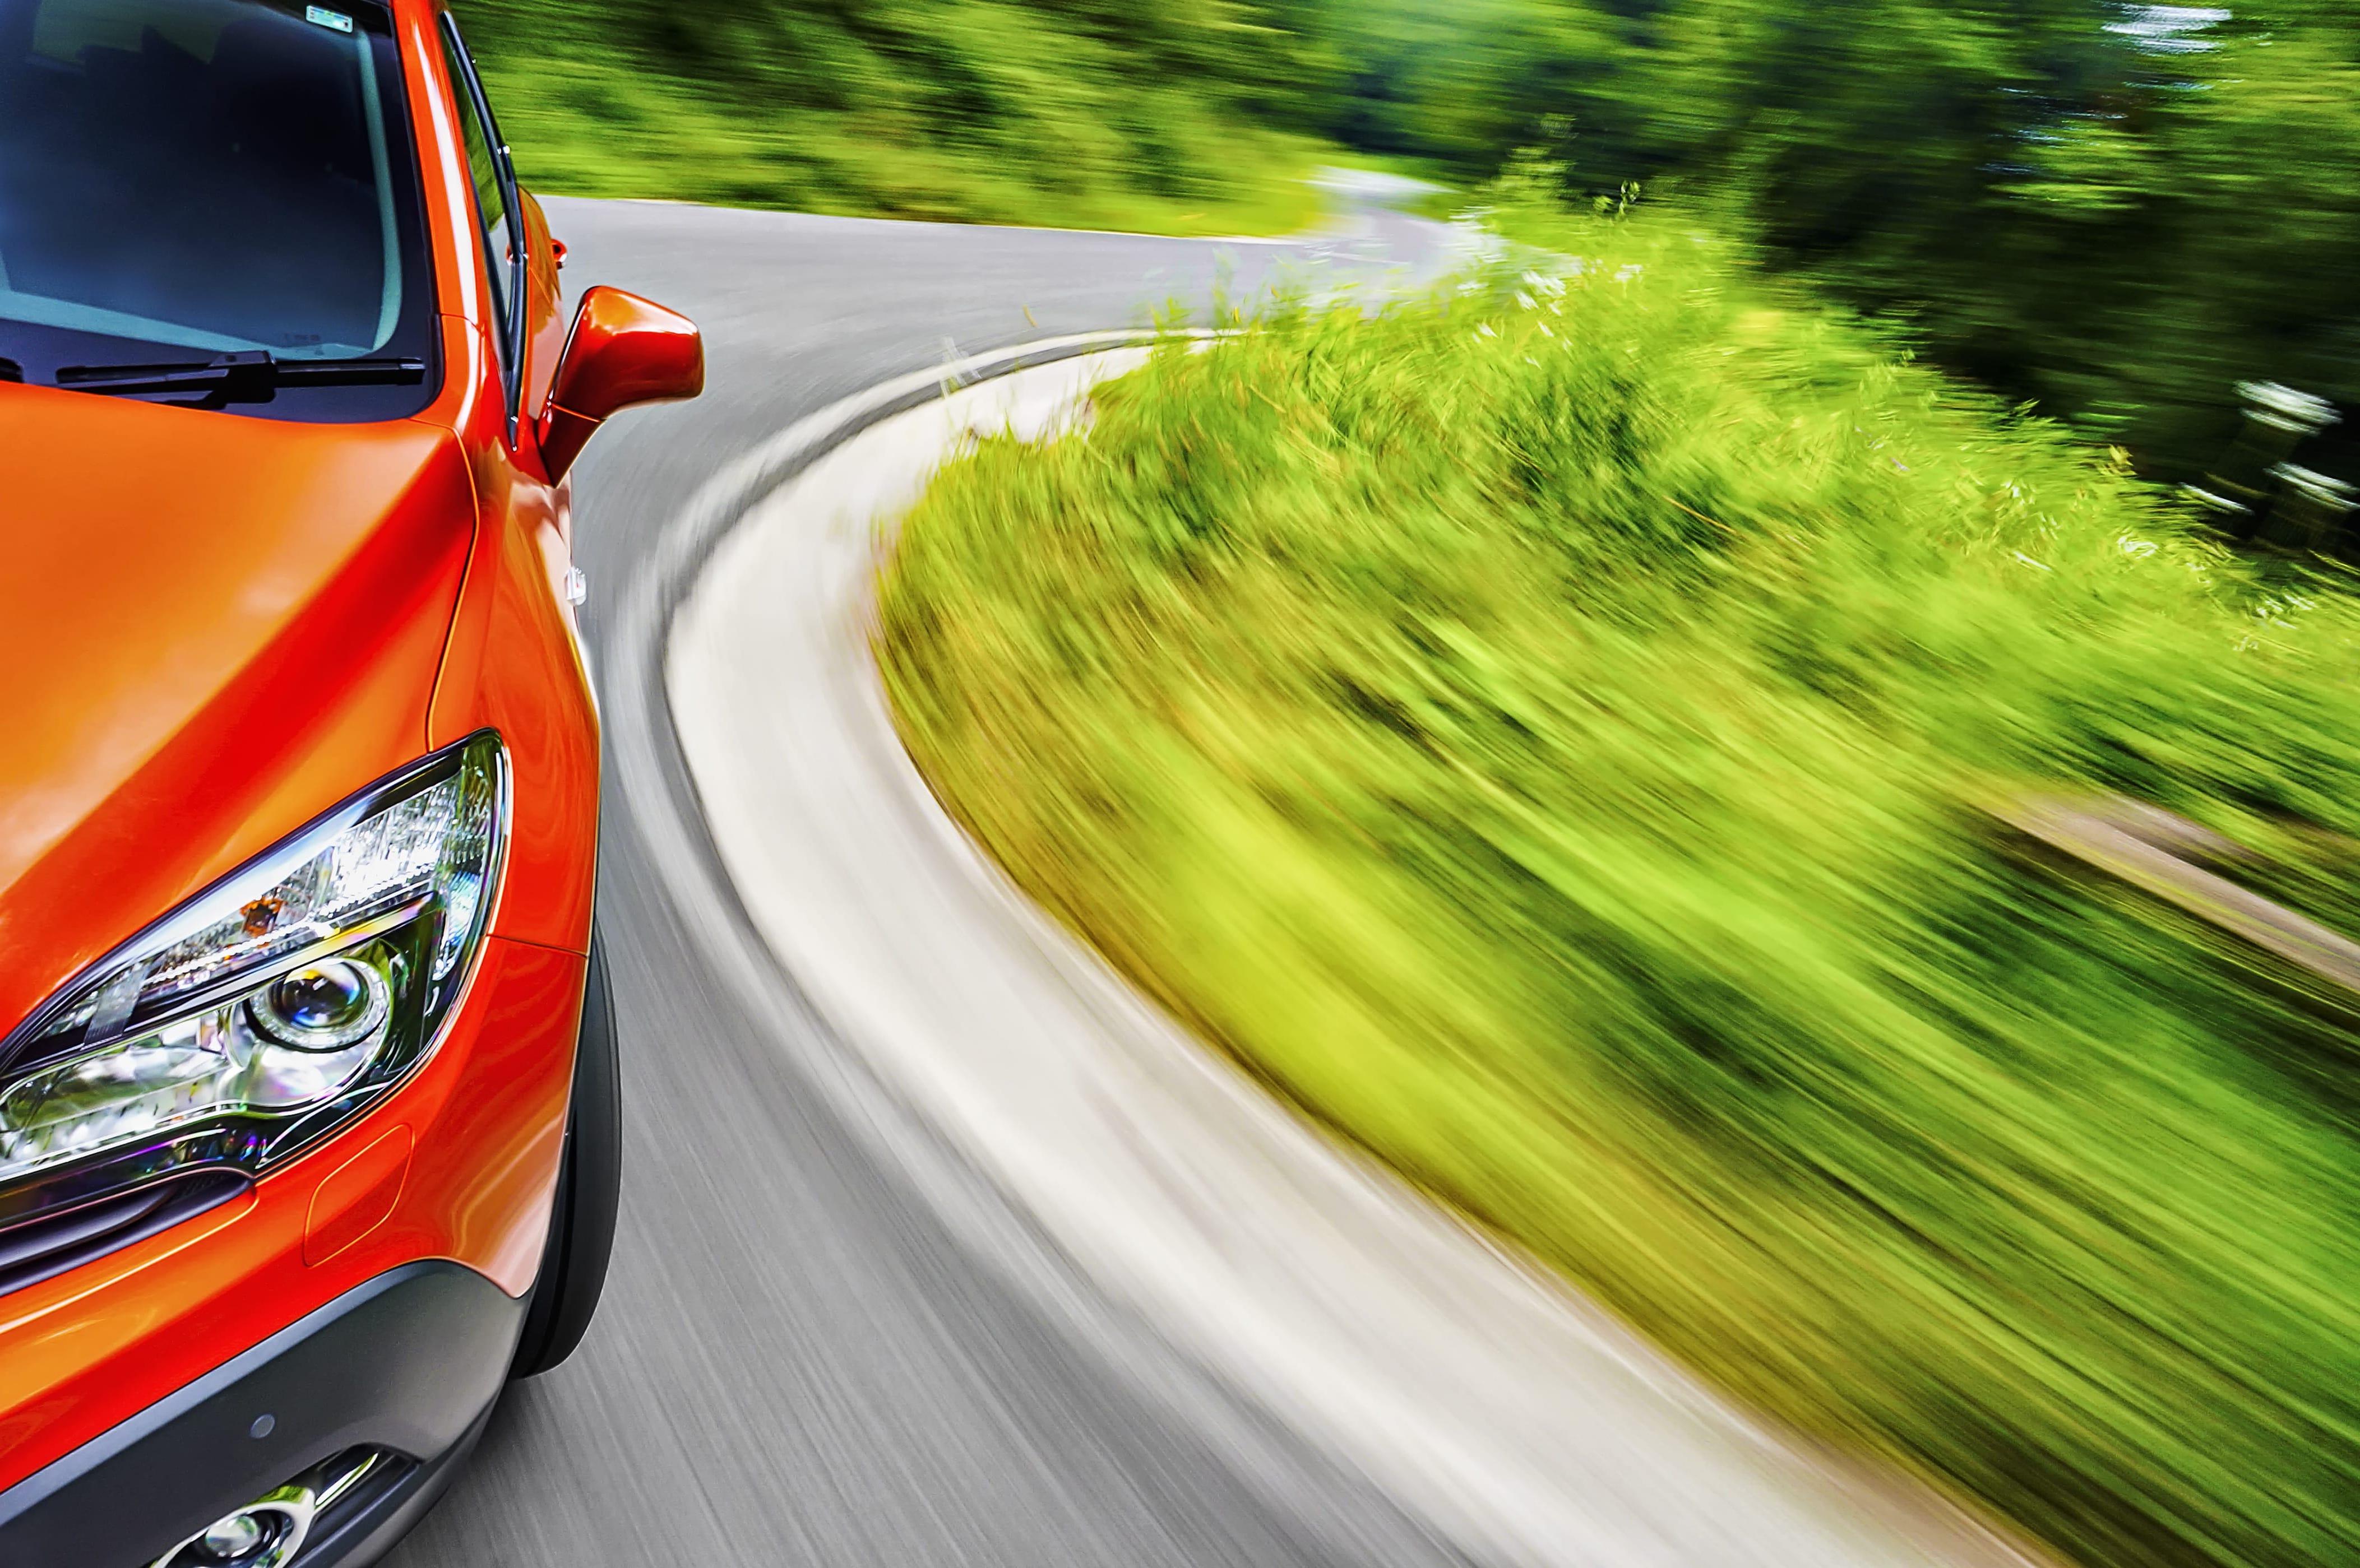 「ワゴンR」の中古車を自社ローンで購入した方の車両価格相場と口コミ(体験談)